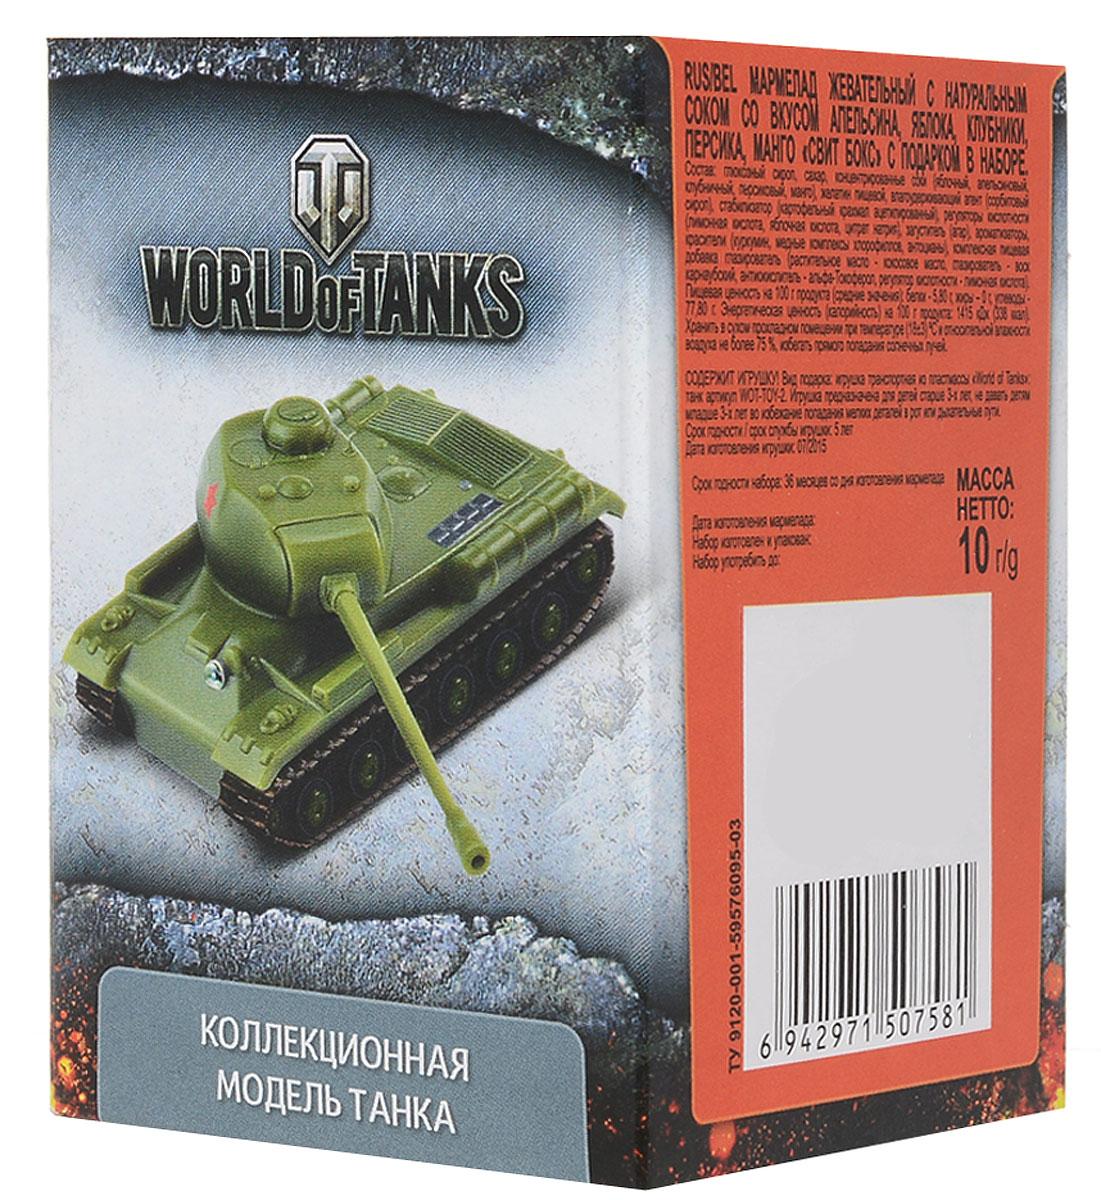 Свитбокс World of Tanks мармелад с игрушкой, 10 гFF-1-26Любишь играть в World of Tanks? Познакомься с нашей коллекцией моделей танков времен ВОВ. Собери все 8 игрушек! Устрой свою маленькую битву!В коллекции 4 советских и 4 немецких машины. Тяжелые и средние танки, а также противотанковые САУ. Модели максимально реалистичны, несмотря на маленькие размеры. Игрушки сборные и очень мобильные!SWEET BOX– коробочка со сладостями и игрушкой. Свитбоксы популярны среди детей и взрослых, коллекционирующих игрушки. Персонажи коллекций открывают удивительные миры, вовлекают в игру, дарят незабываемые впечатления. Это любимые игрушки!Уважаемые клиенты! Обращаем ваше внимание, что полный перечень состава продукта представлен на дополнительном изображении.